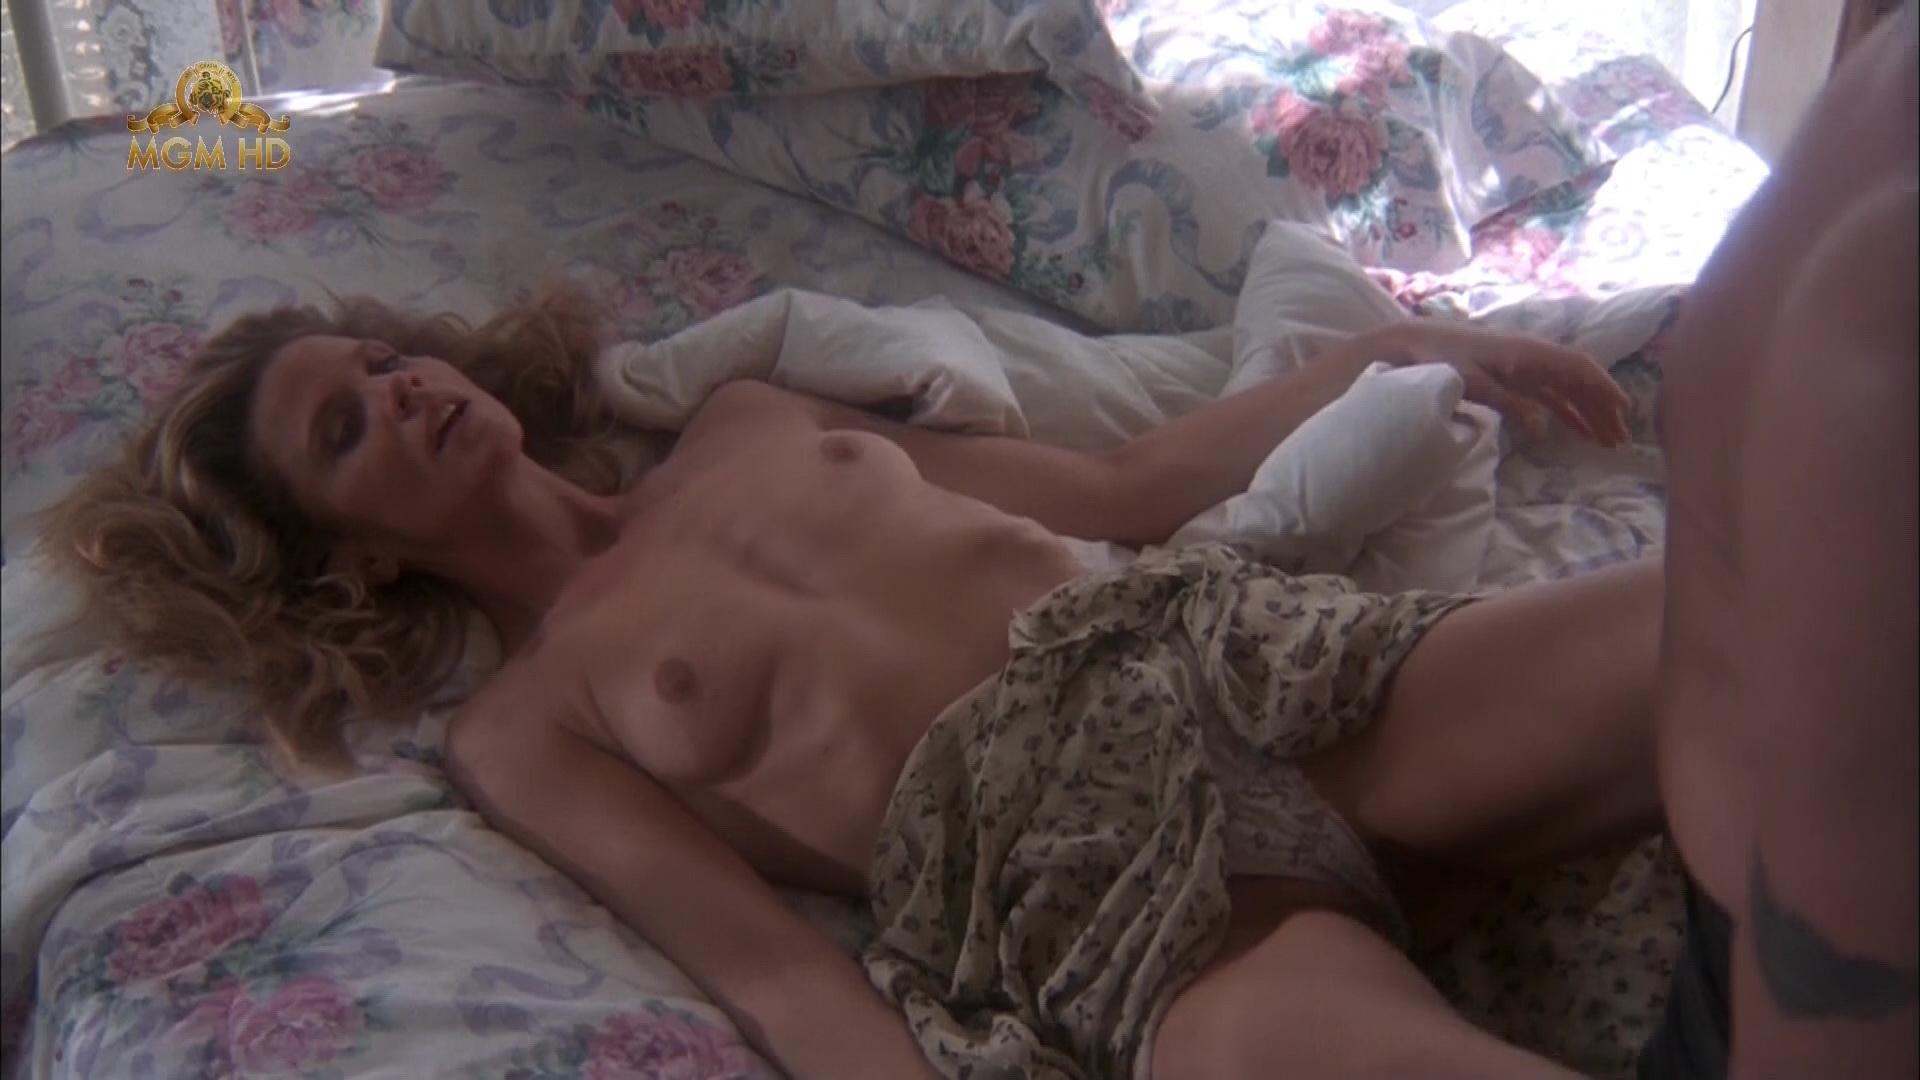 Ashlyn Gere Videos Porno Hd ashlyn gere nude » celebs nude video - nudecelebvideo